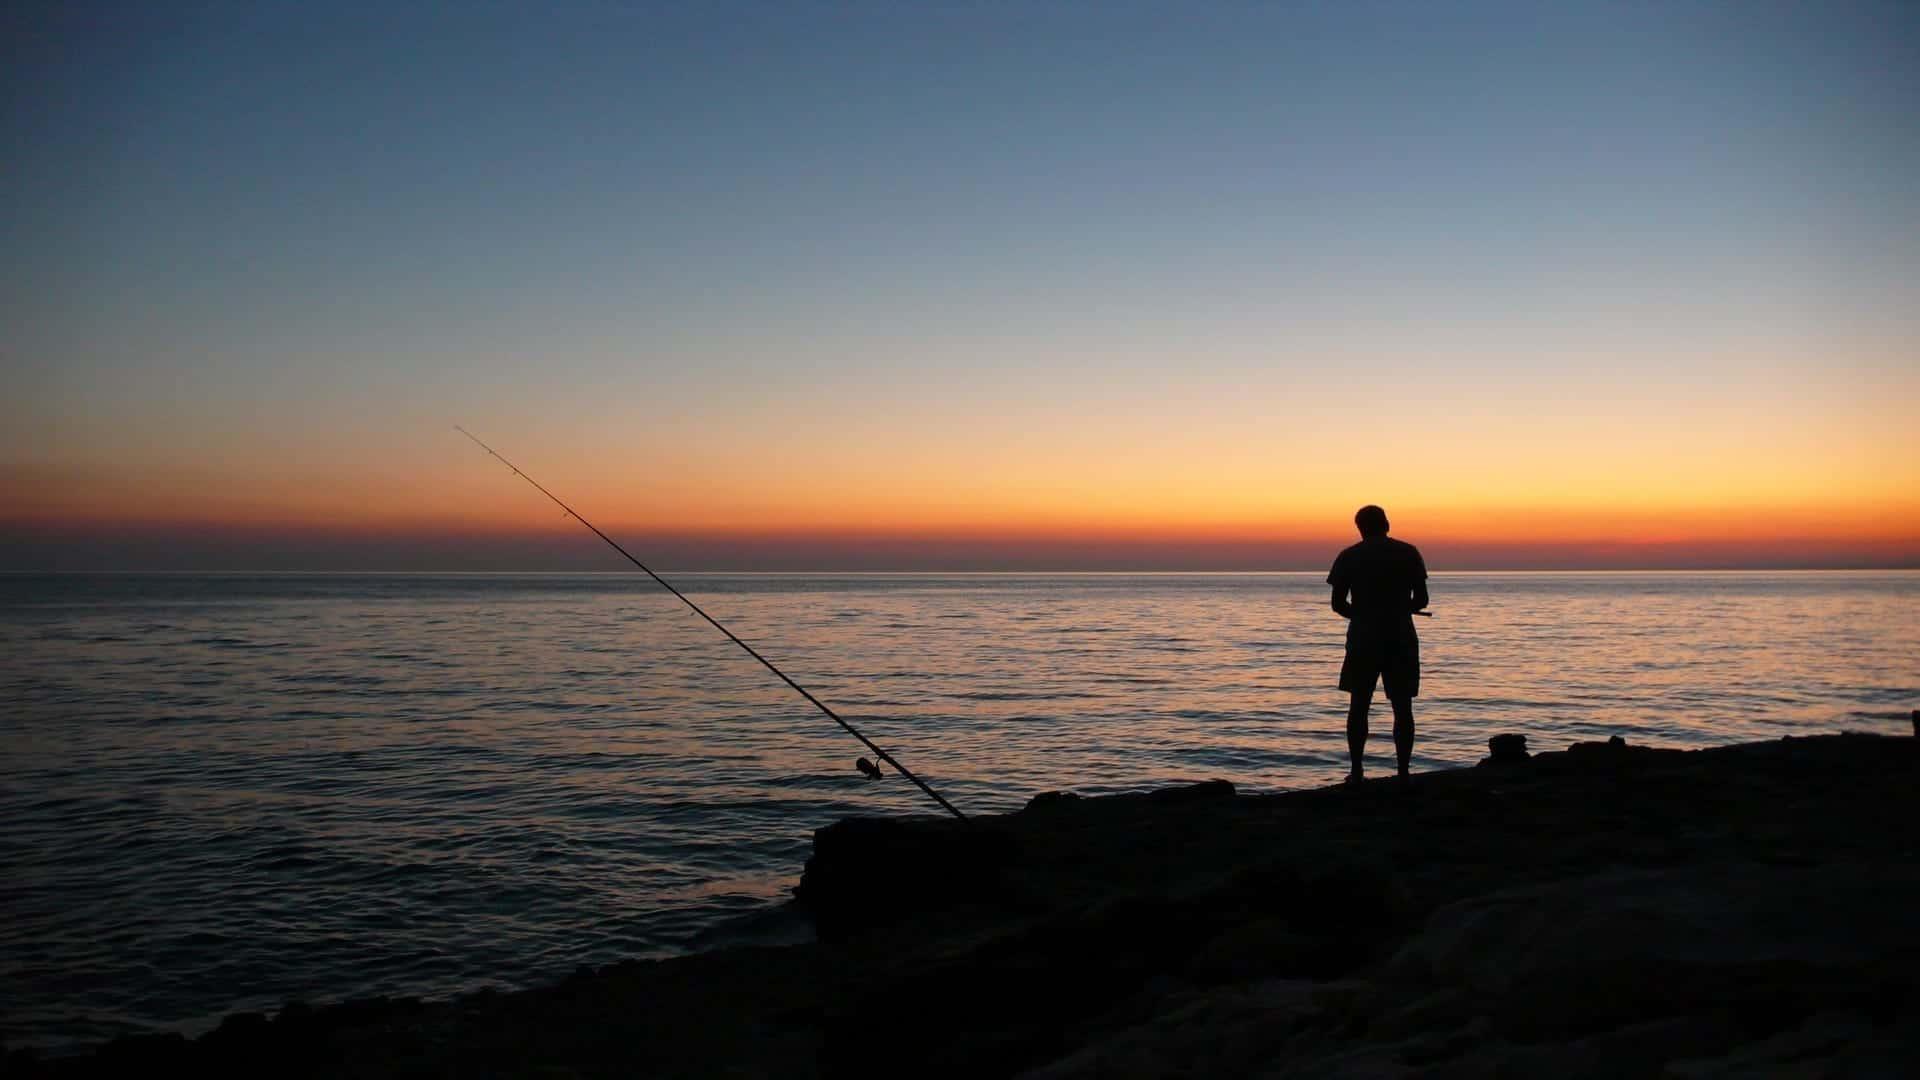 sunset sea angler